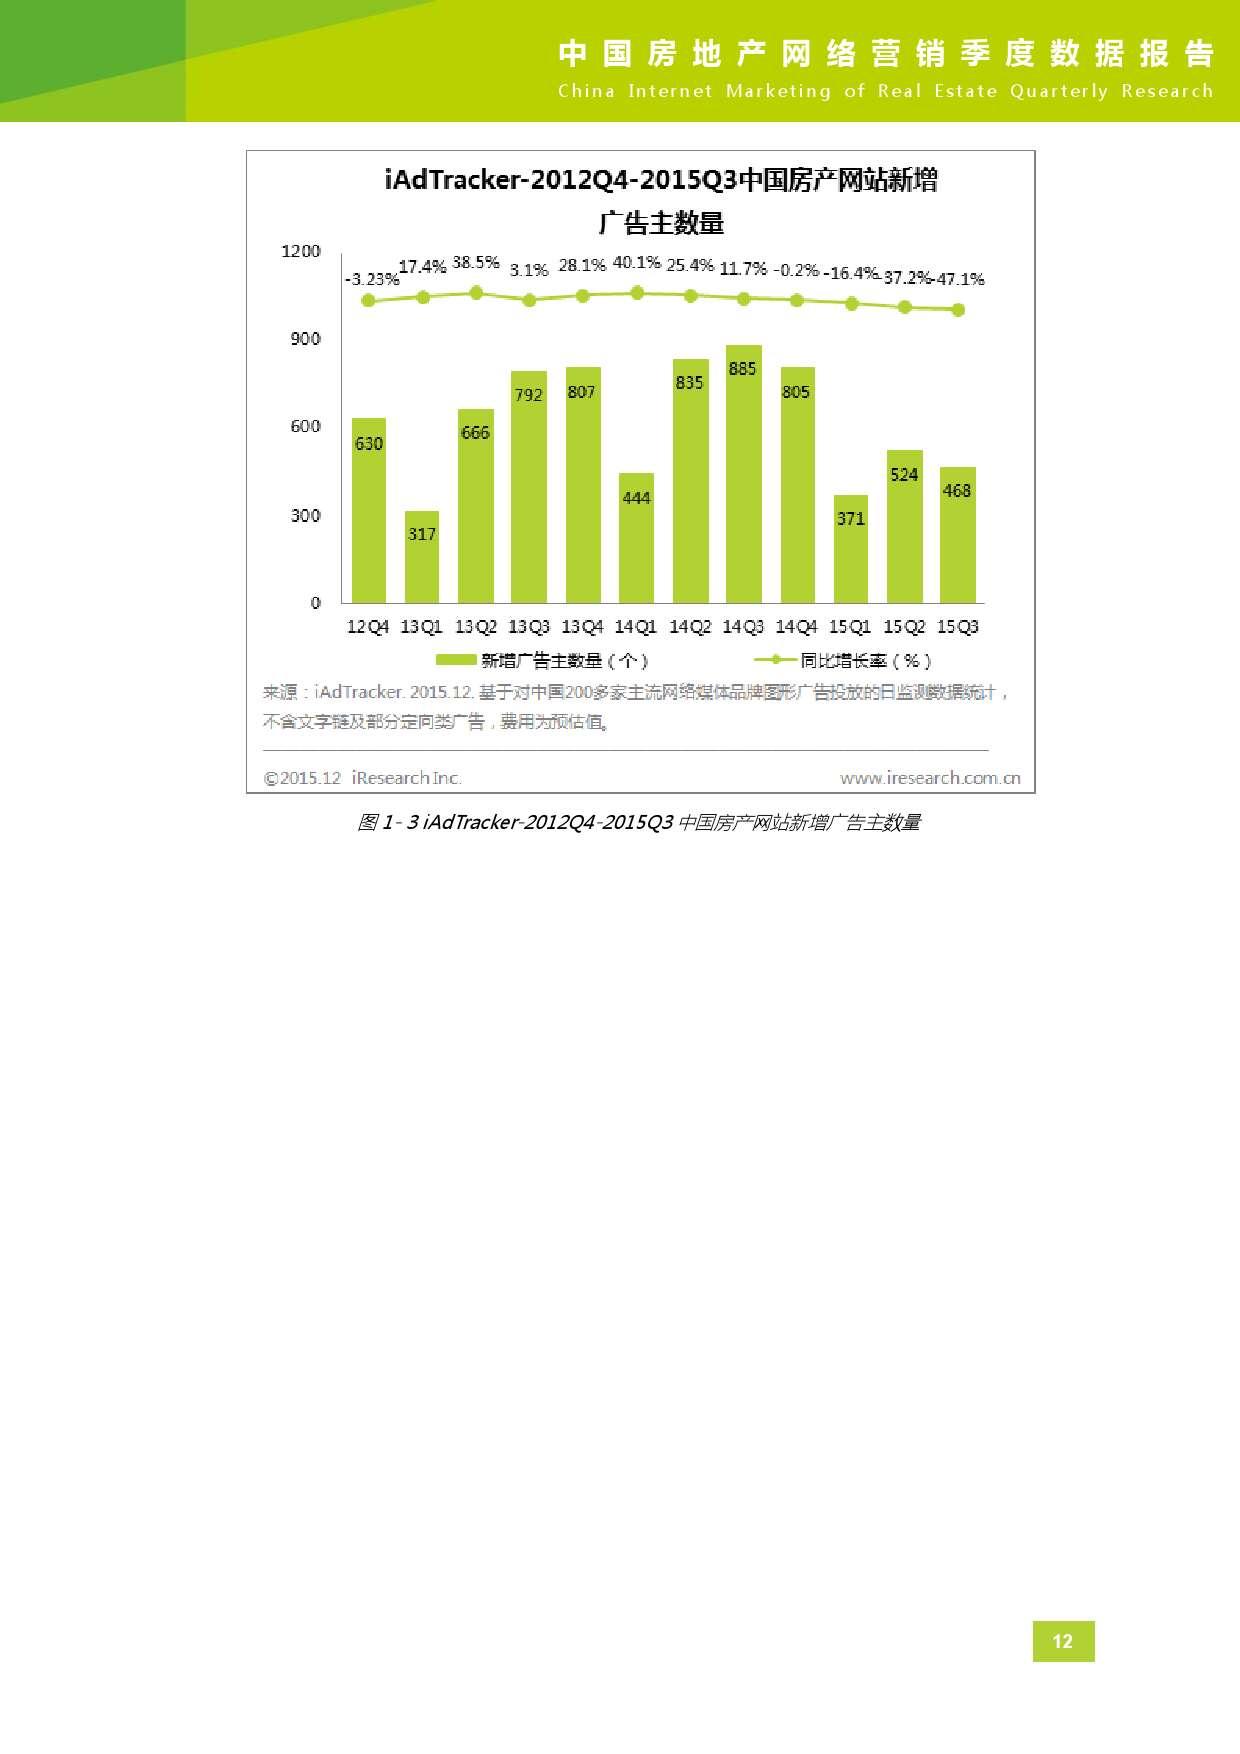 2015年Q3中国房地产网络营销季度数据报告_000013